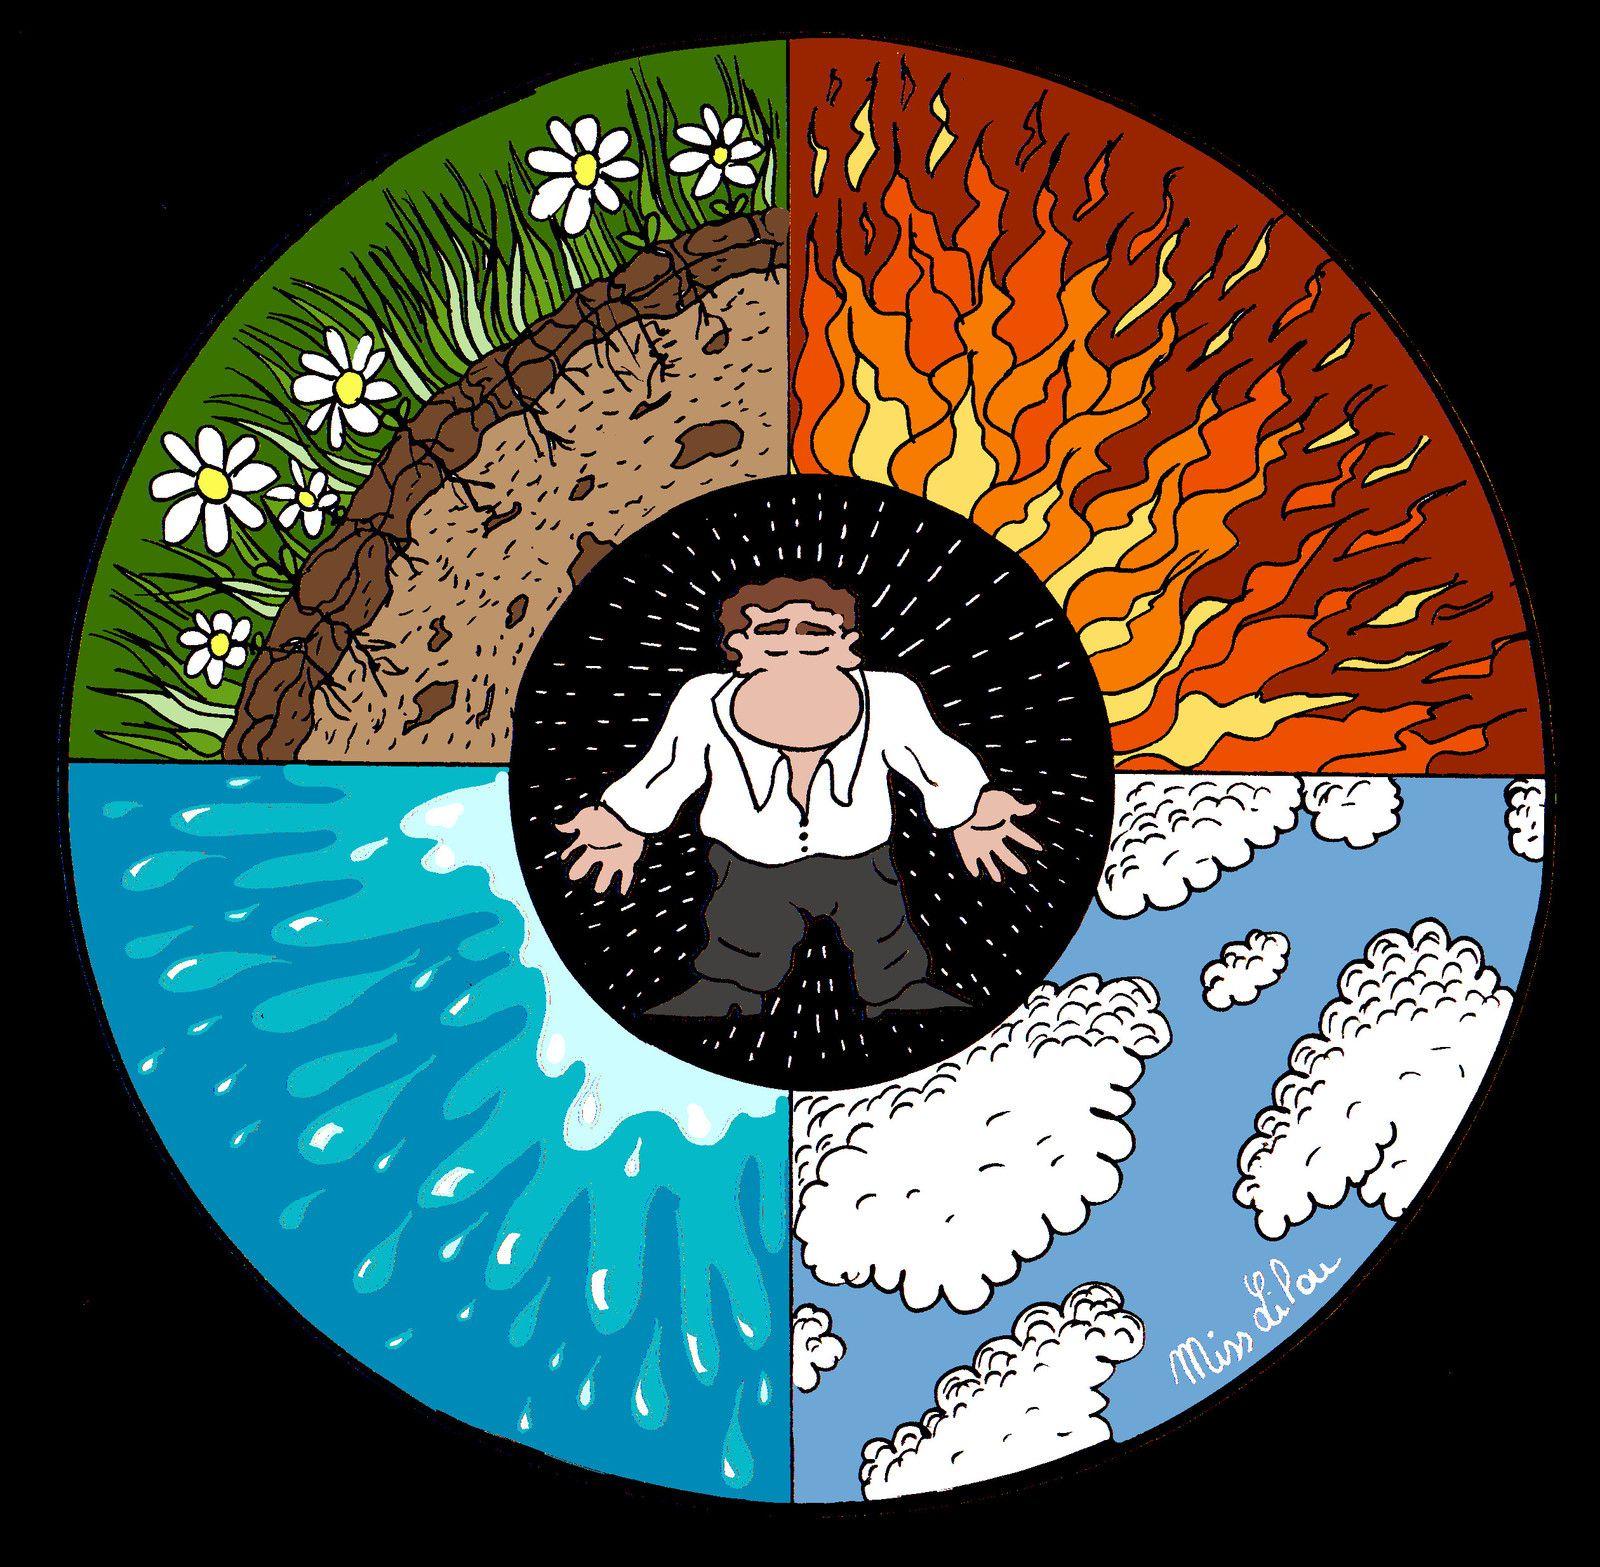 Les 4 éléments : la Terre, le Feu, l'Air, l'Eau